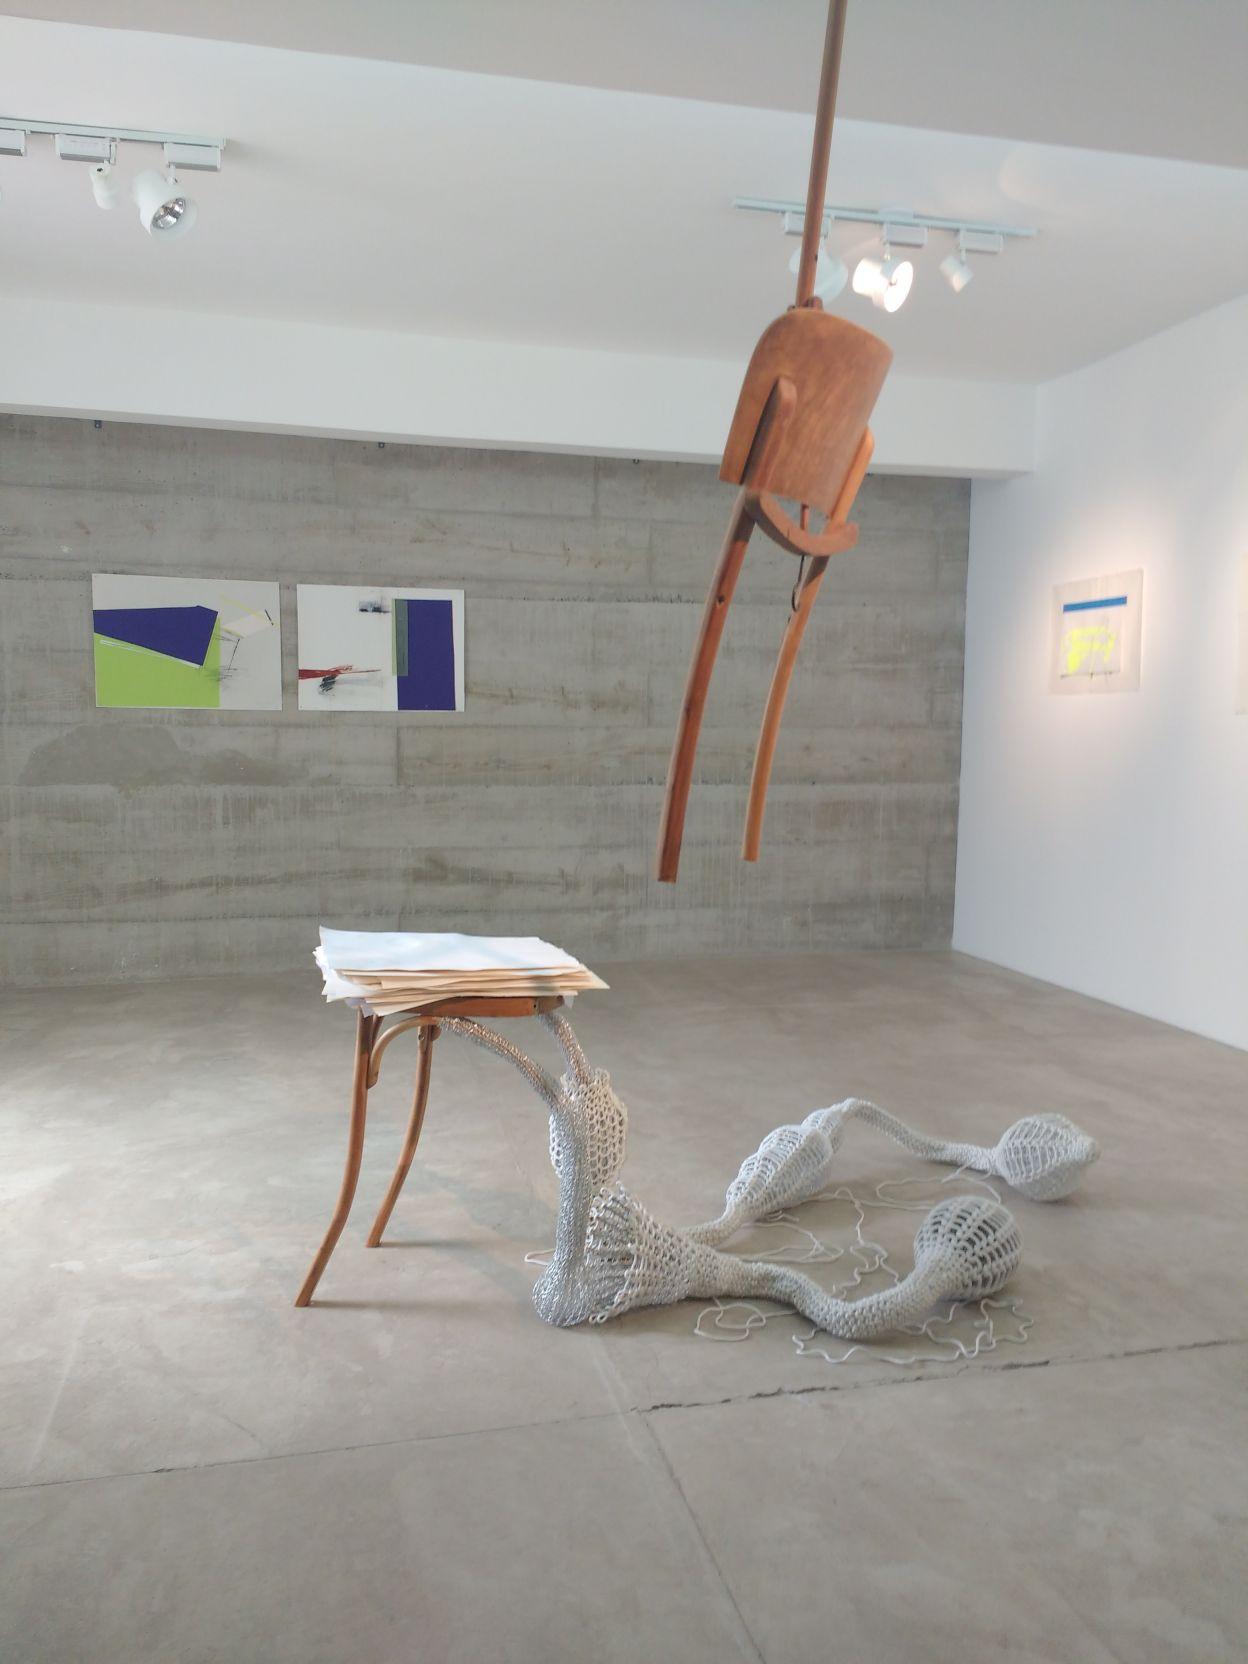 Arte Colaborativa - Casa em transformação (2017) - Claudia França e Cristhina Barros